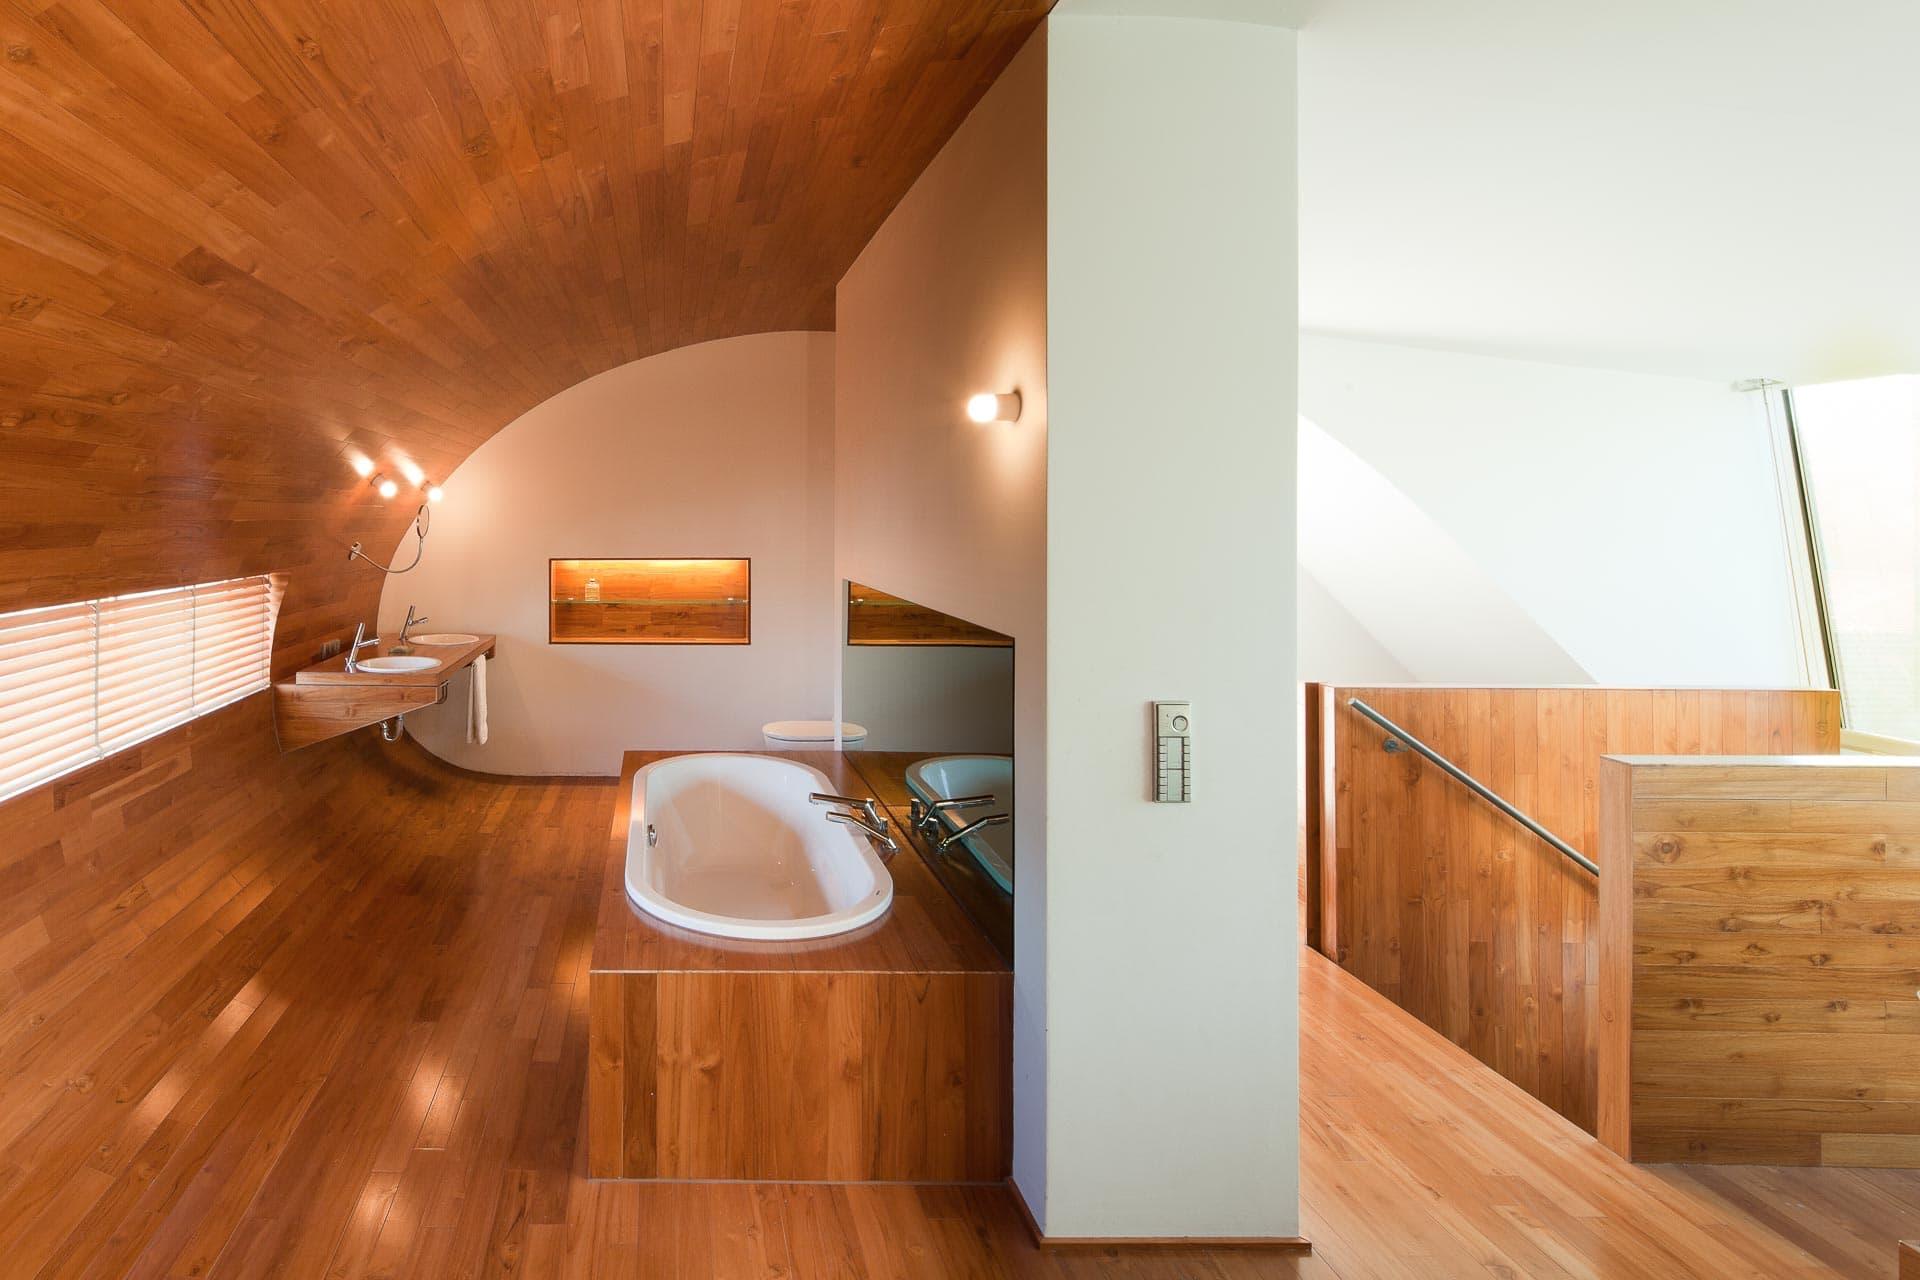 Loft in Wien, Architekturfotografie aus Stuttgart